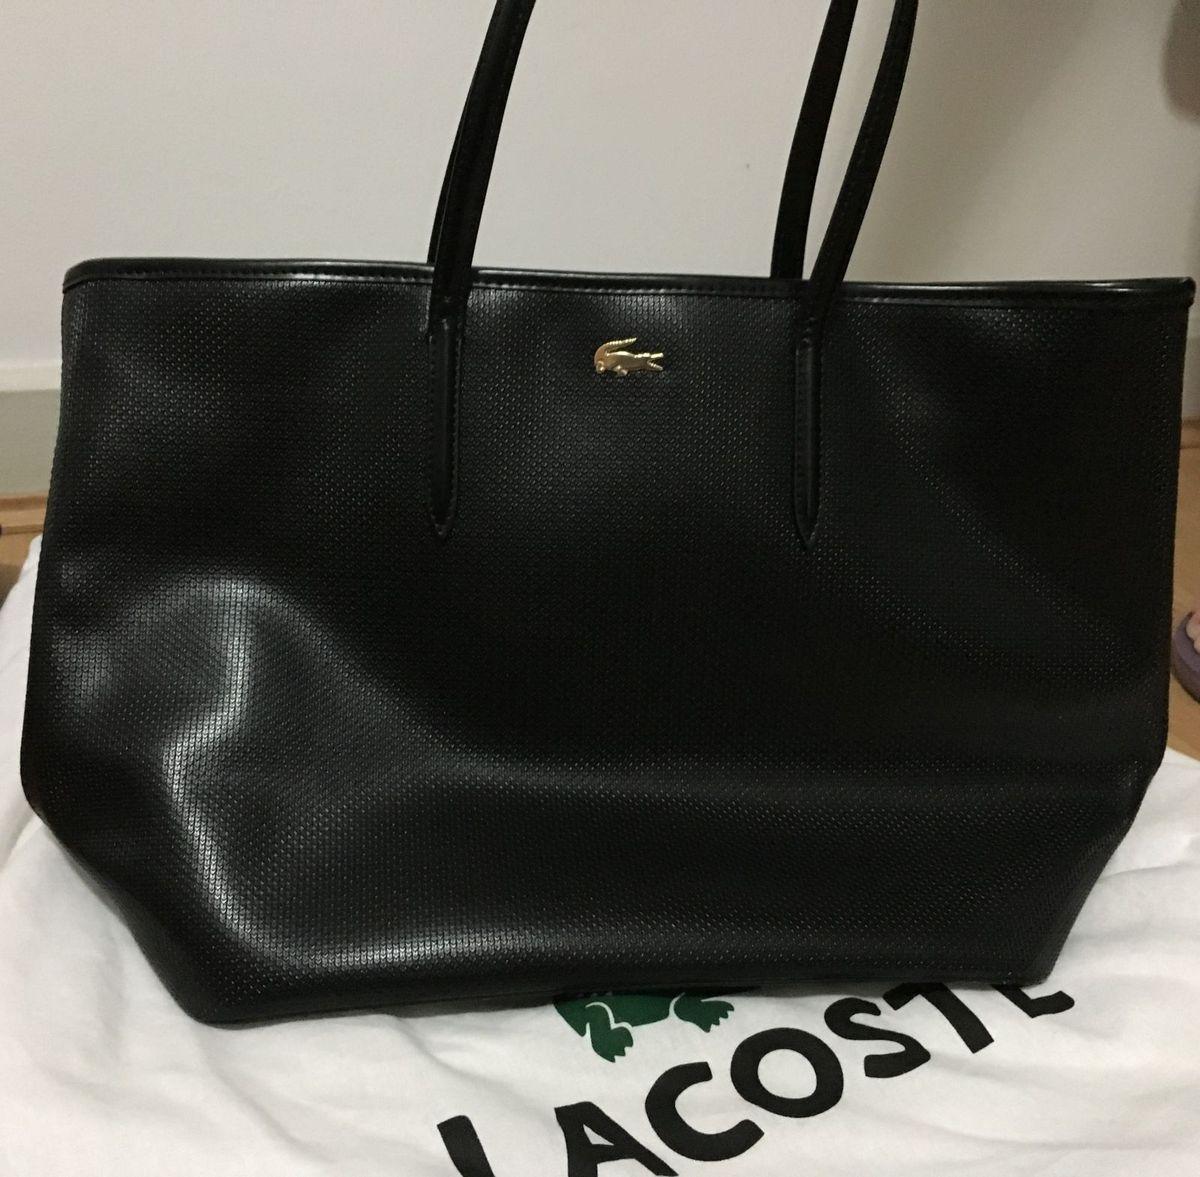 3c582aaa68348 bolsa de couro - lacoste - ombro lacoste.  Czm6ly9wag90b3muzw5qb2vplmnvbs5ici9wcm9kdwn0cy82oda4ntu0lzy1otljnwrhndrmnmy1yzblnzy1mju5njc4mwiyntjmlmpwzw  ...